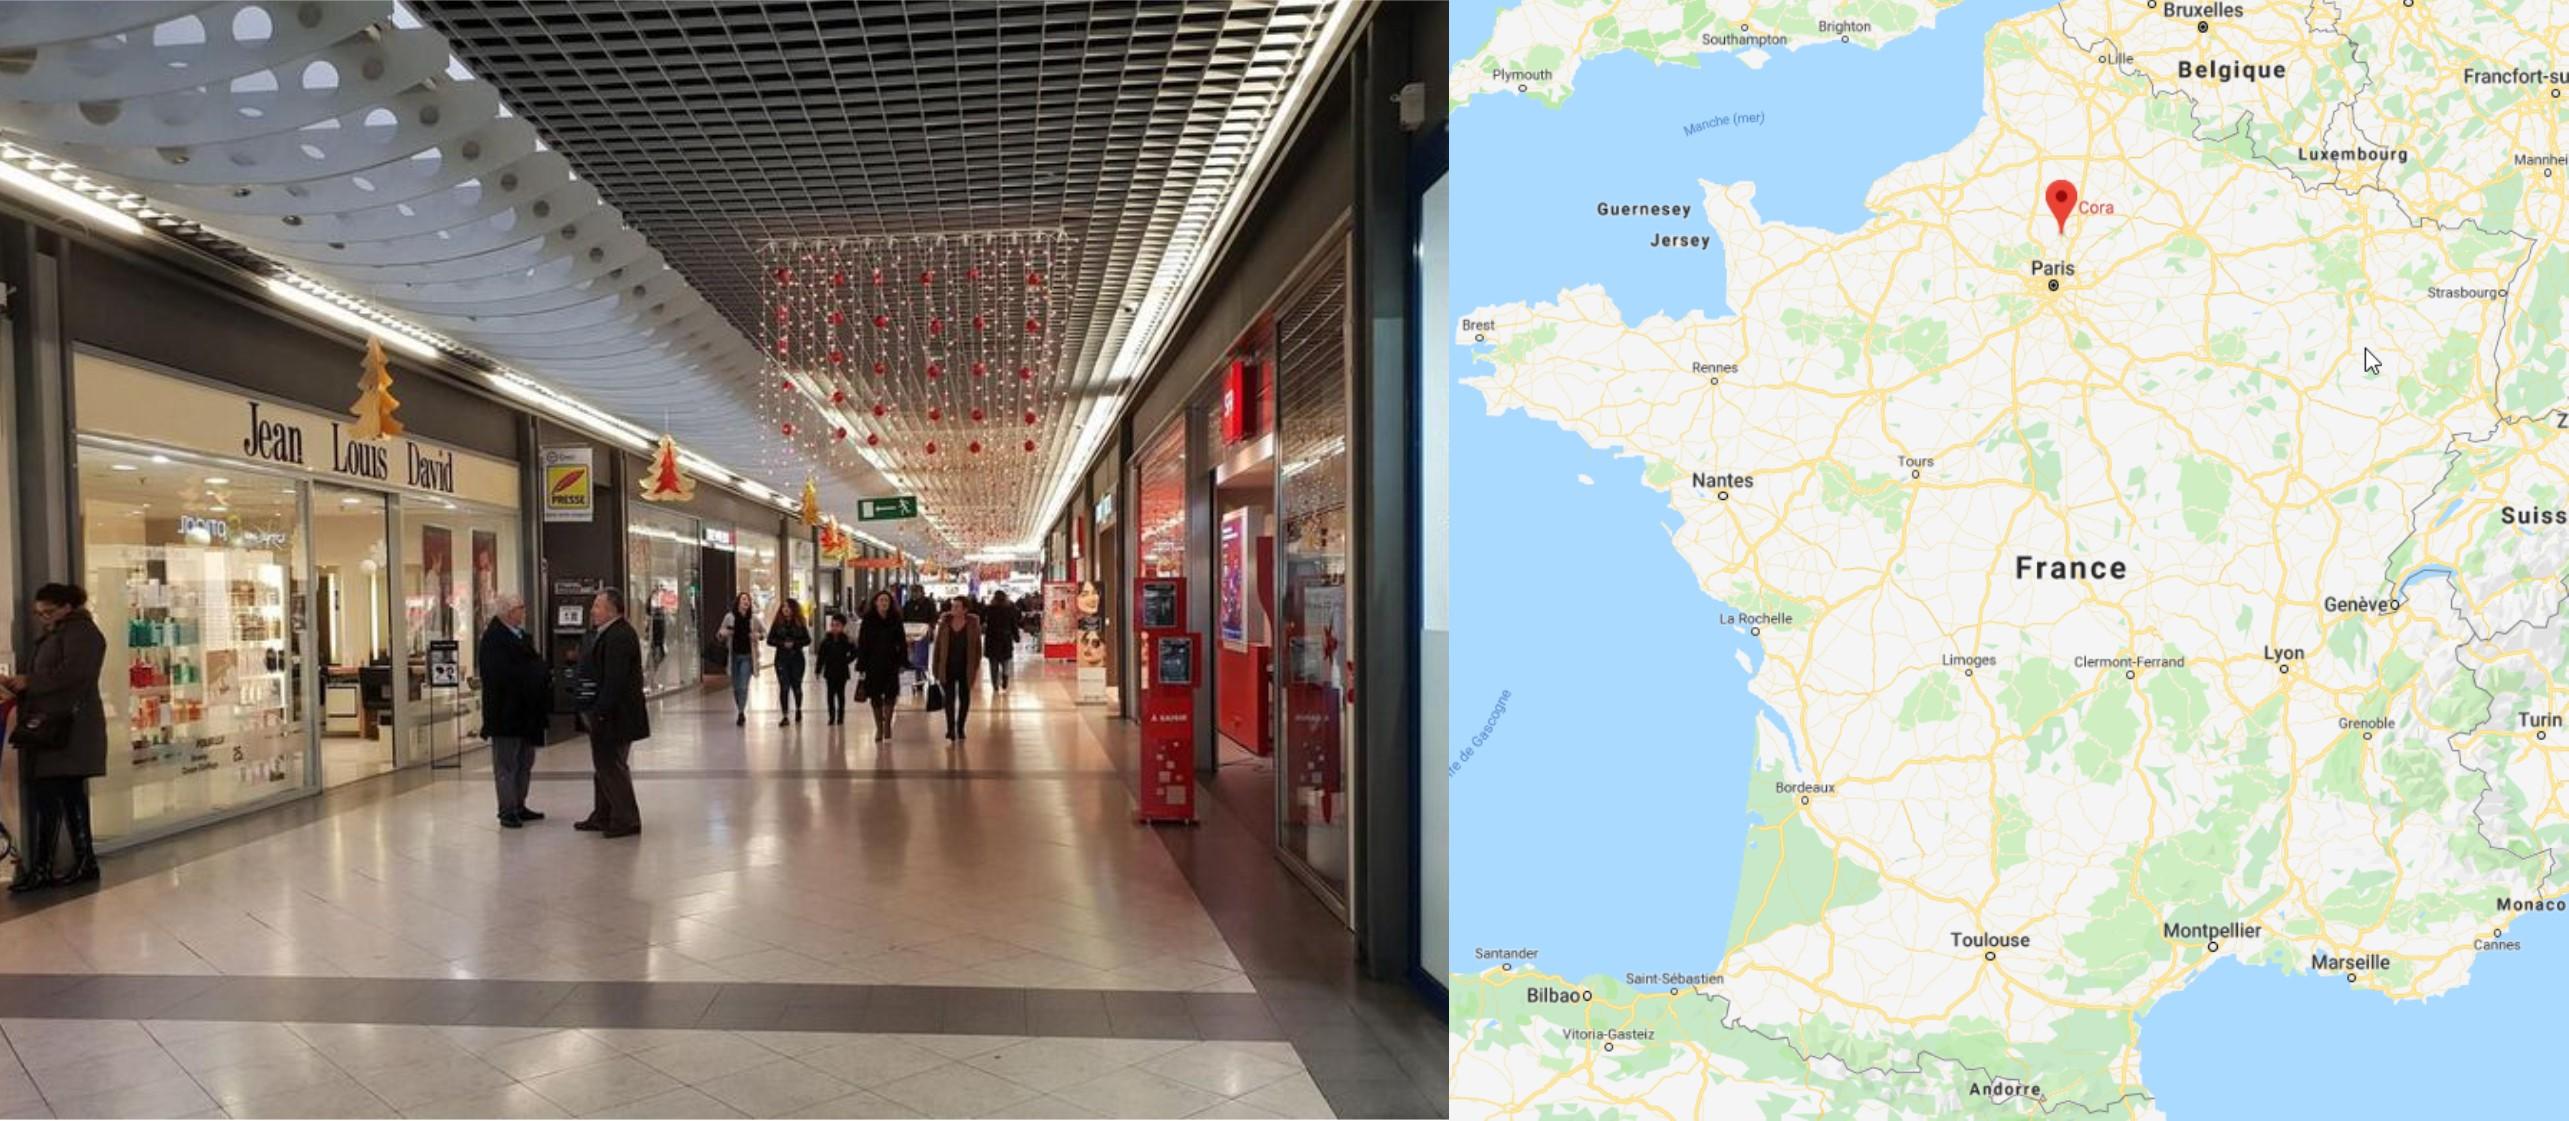 Galerie commerciale du Cora Saint Maximin à Creil décorée pour Noël